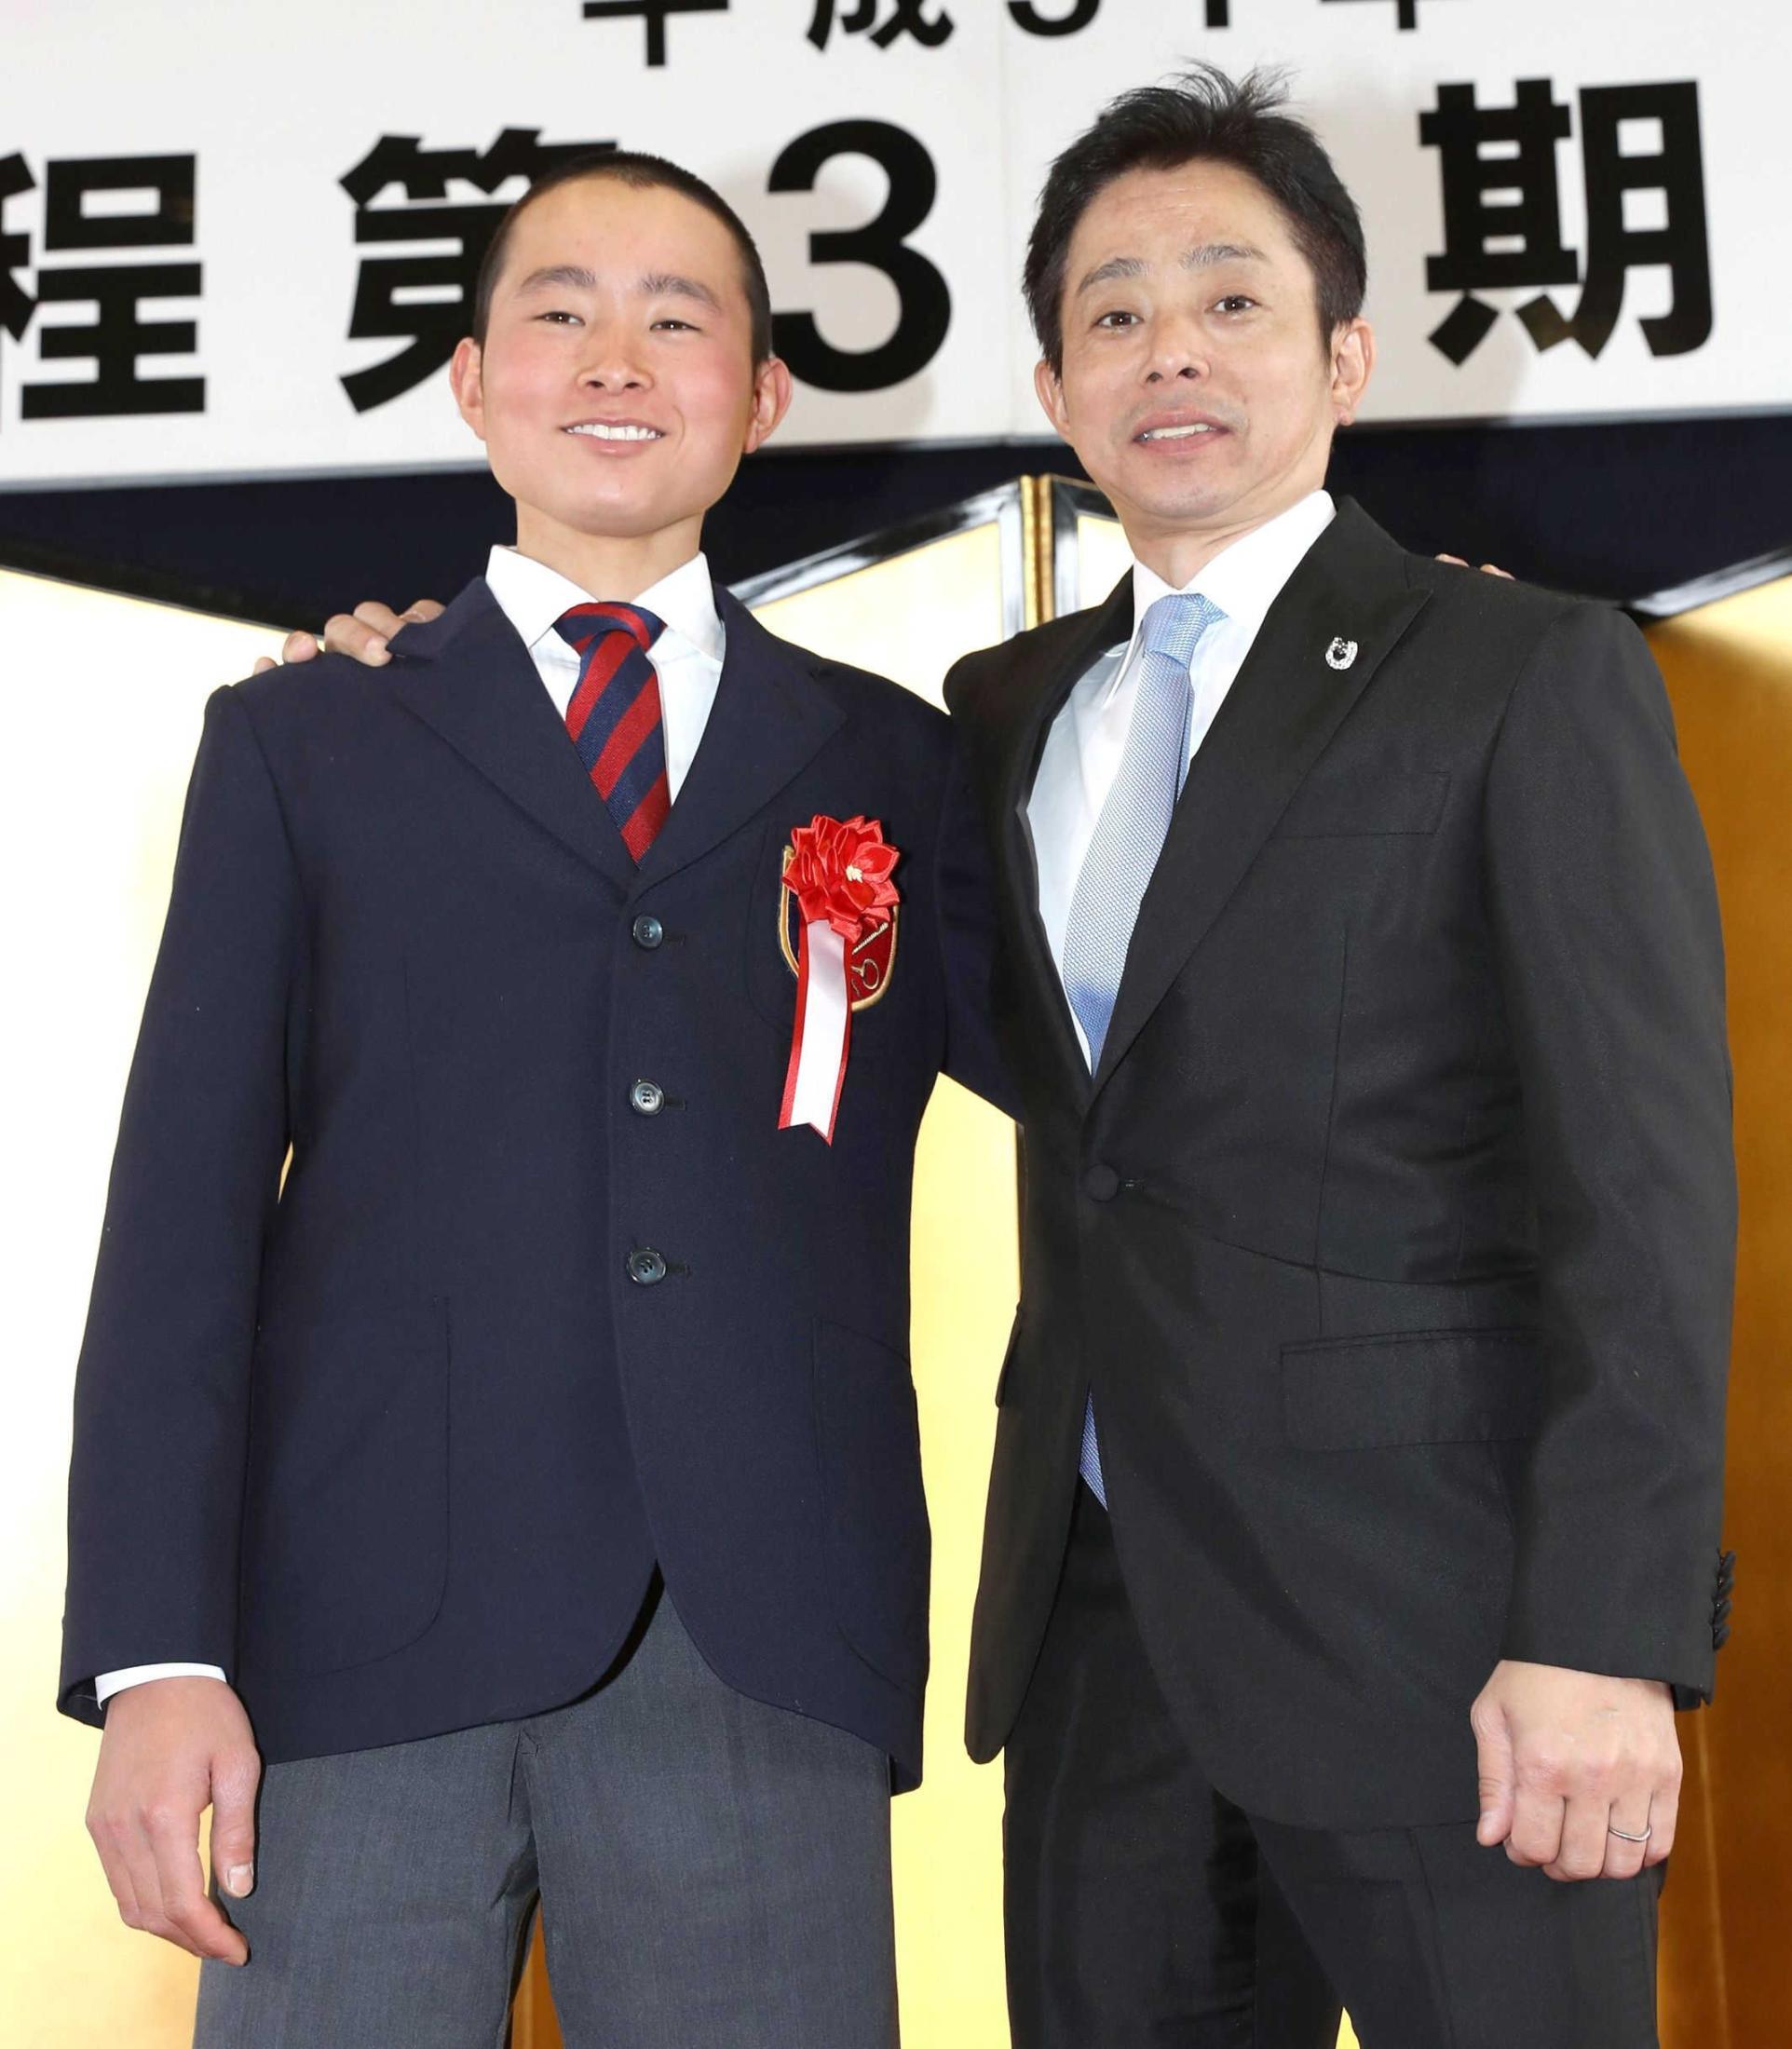 岩田康誠の次男・望来が競馬学校を卒業で決意「海外でも騎乗依頼を受ける騎手に」 | 競馬ニュース - netkeiba.com